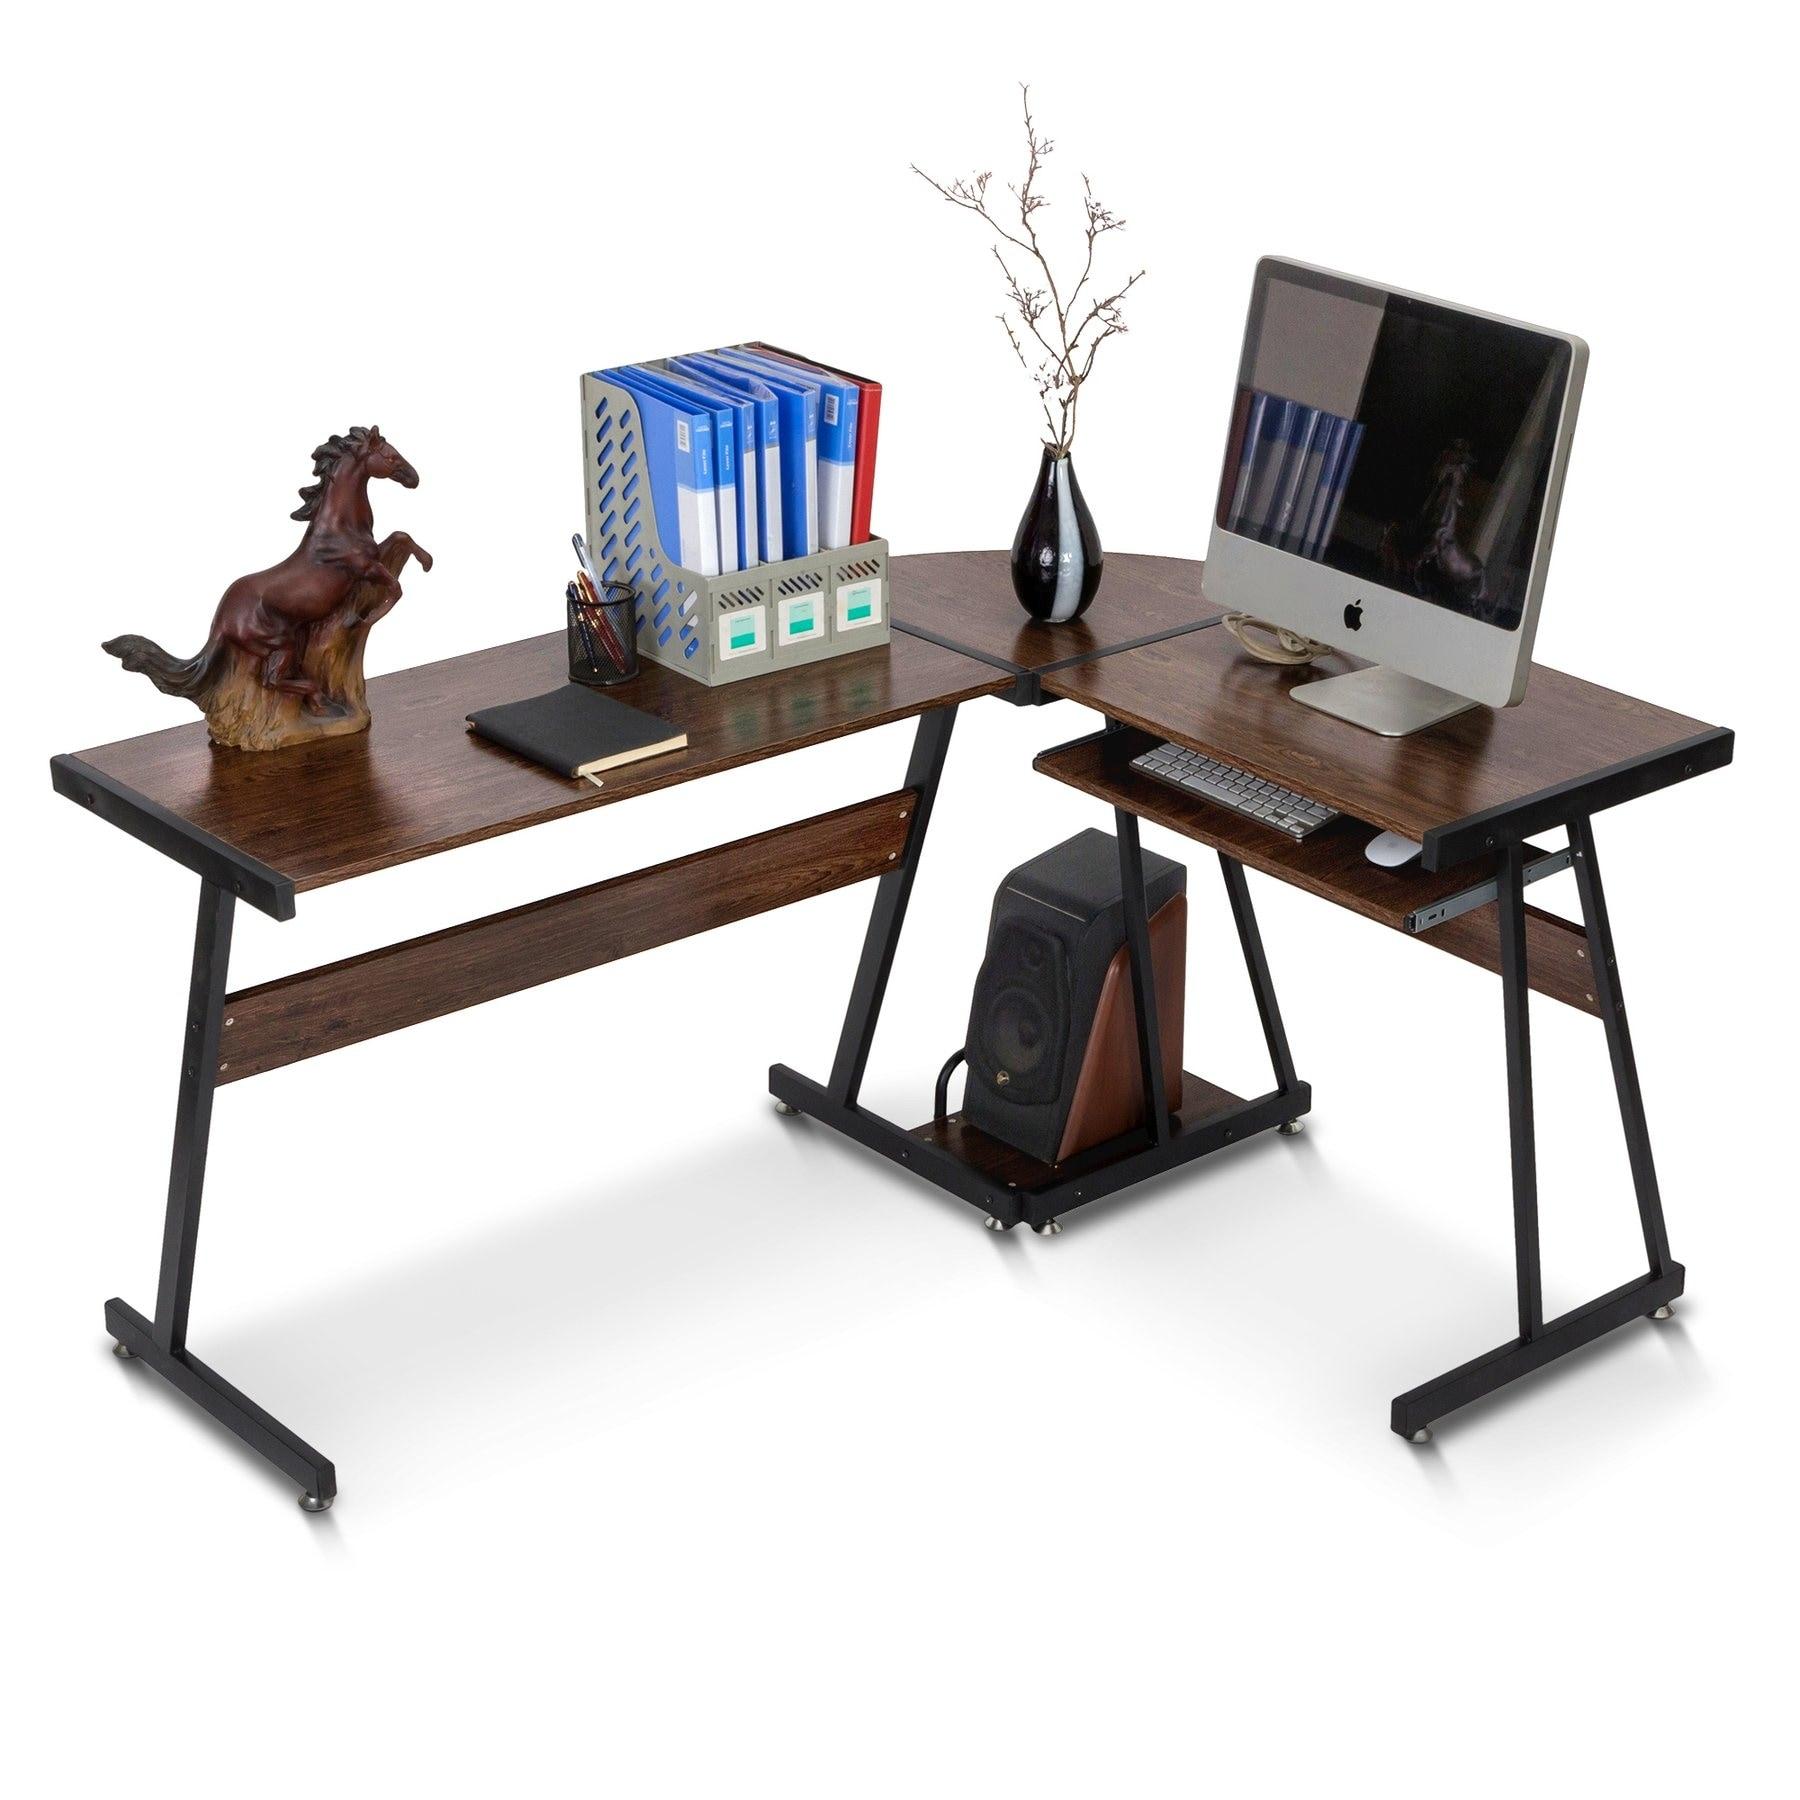 Reversible Brown Gaming Desk Corner Desk Modern L Shaped Desk Computer Desk For Home Office Overstock 30600189